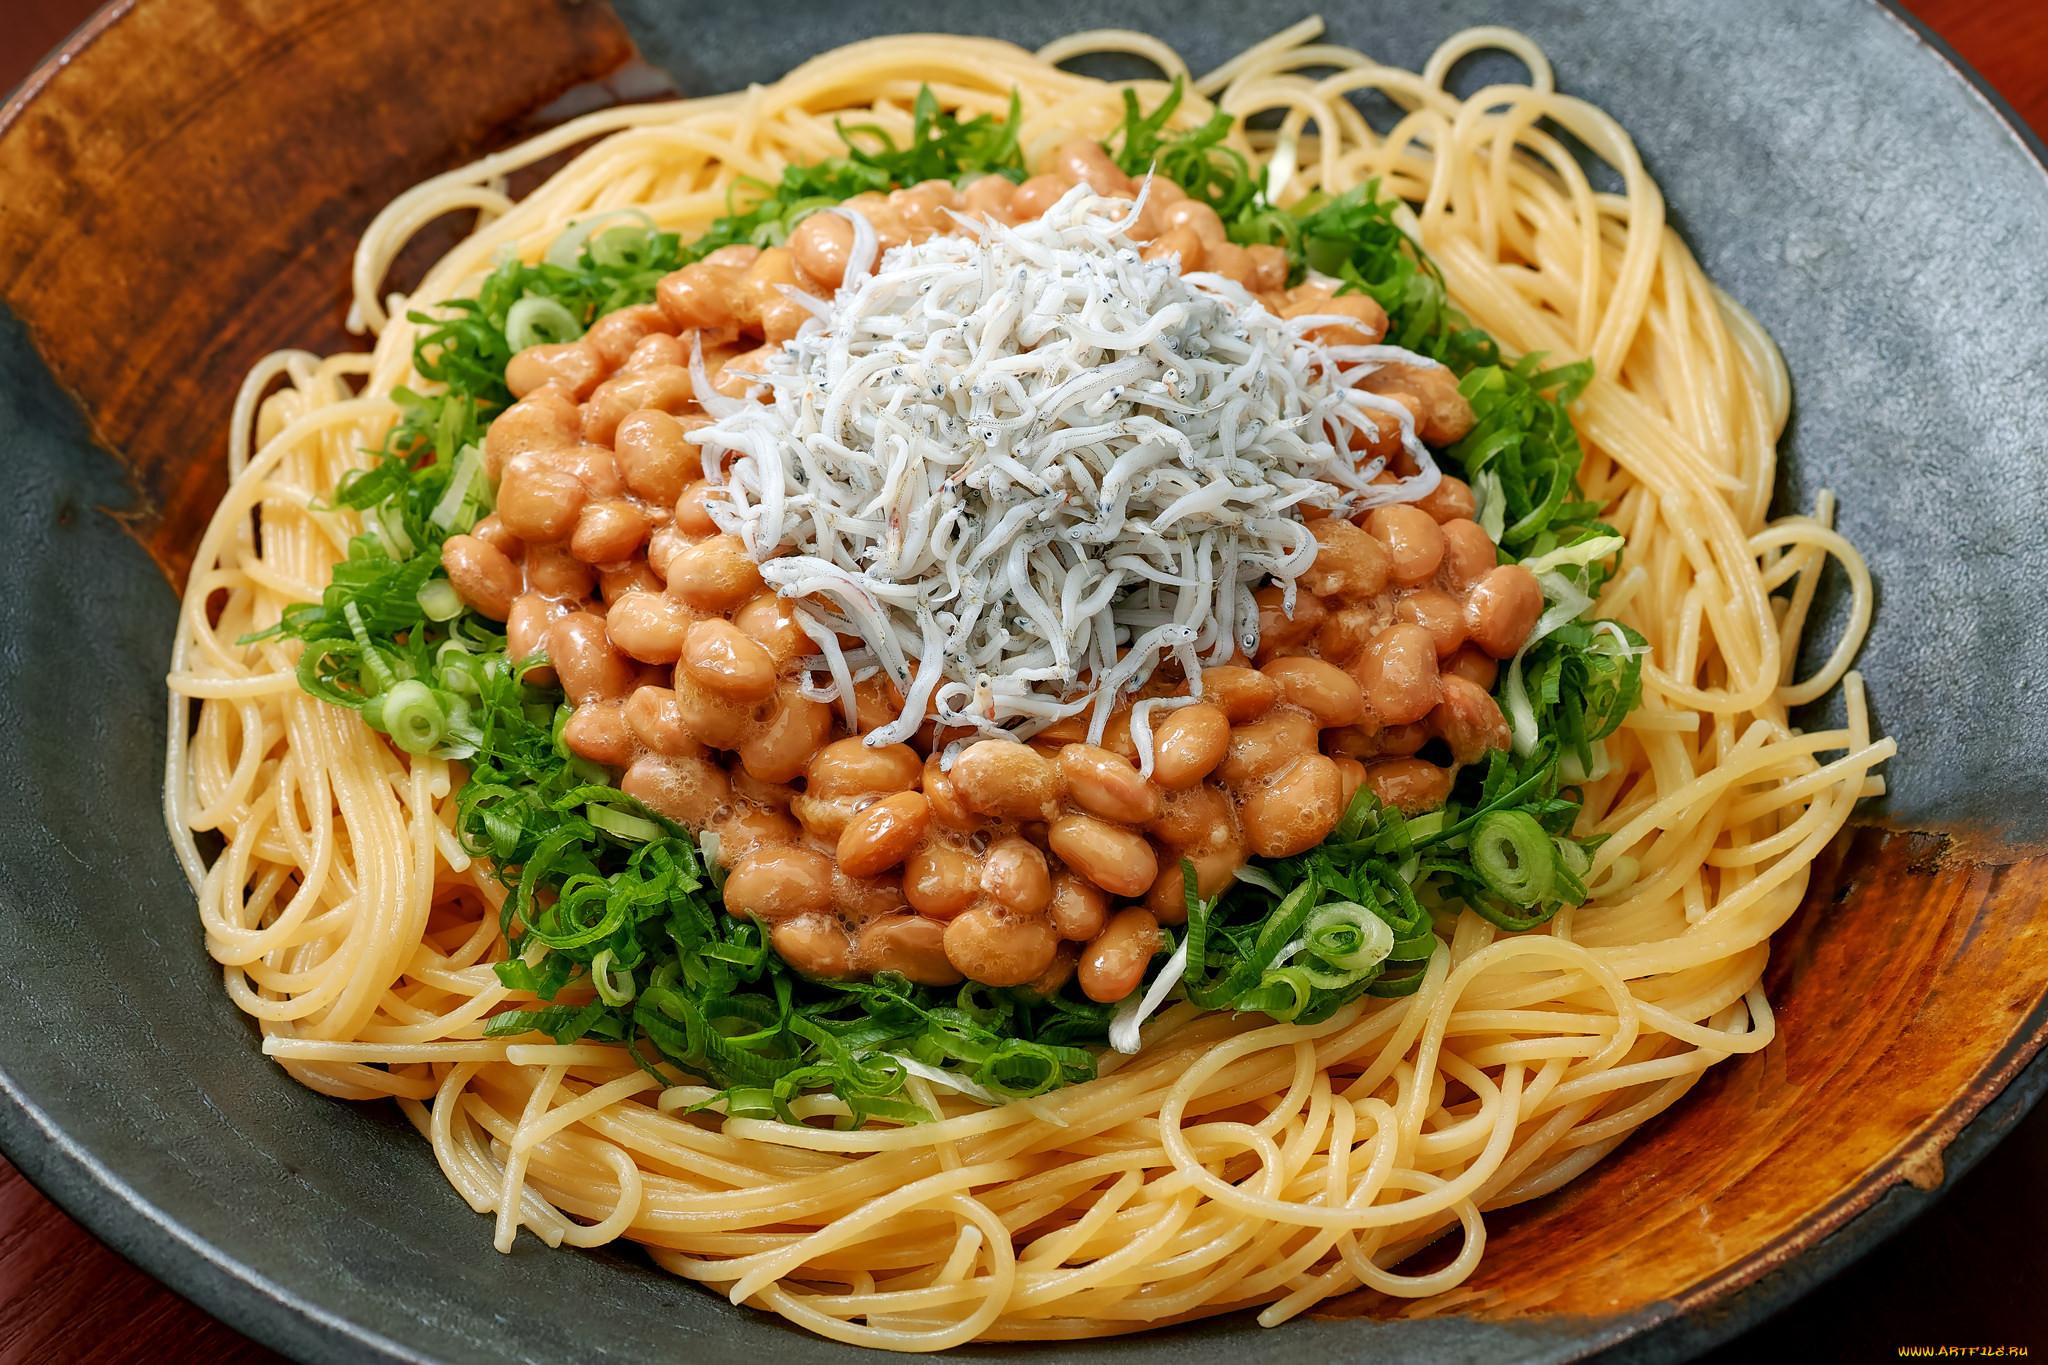 простые рецепты из макаронных изделий с фото рабочих нобели